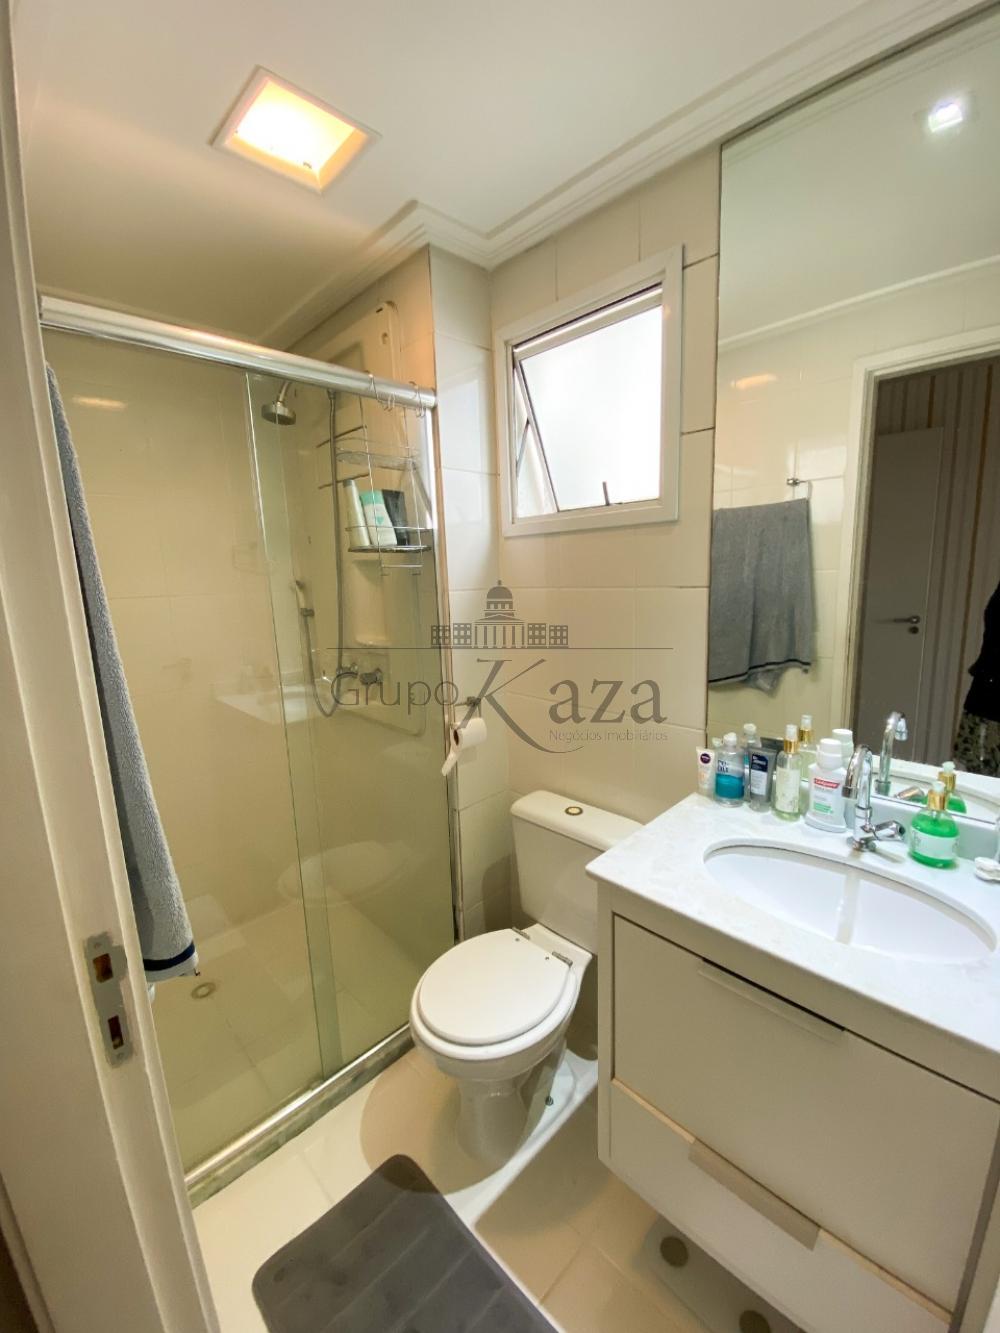 Comprar Apartamento / Padrão em São José dos Campos R$ 650.000,00 - Foto 10